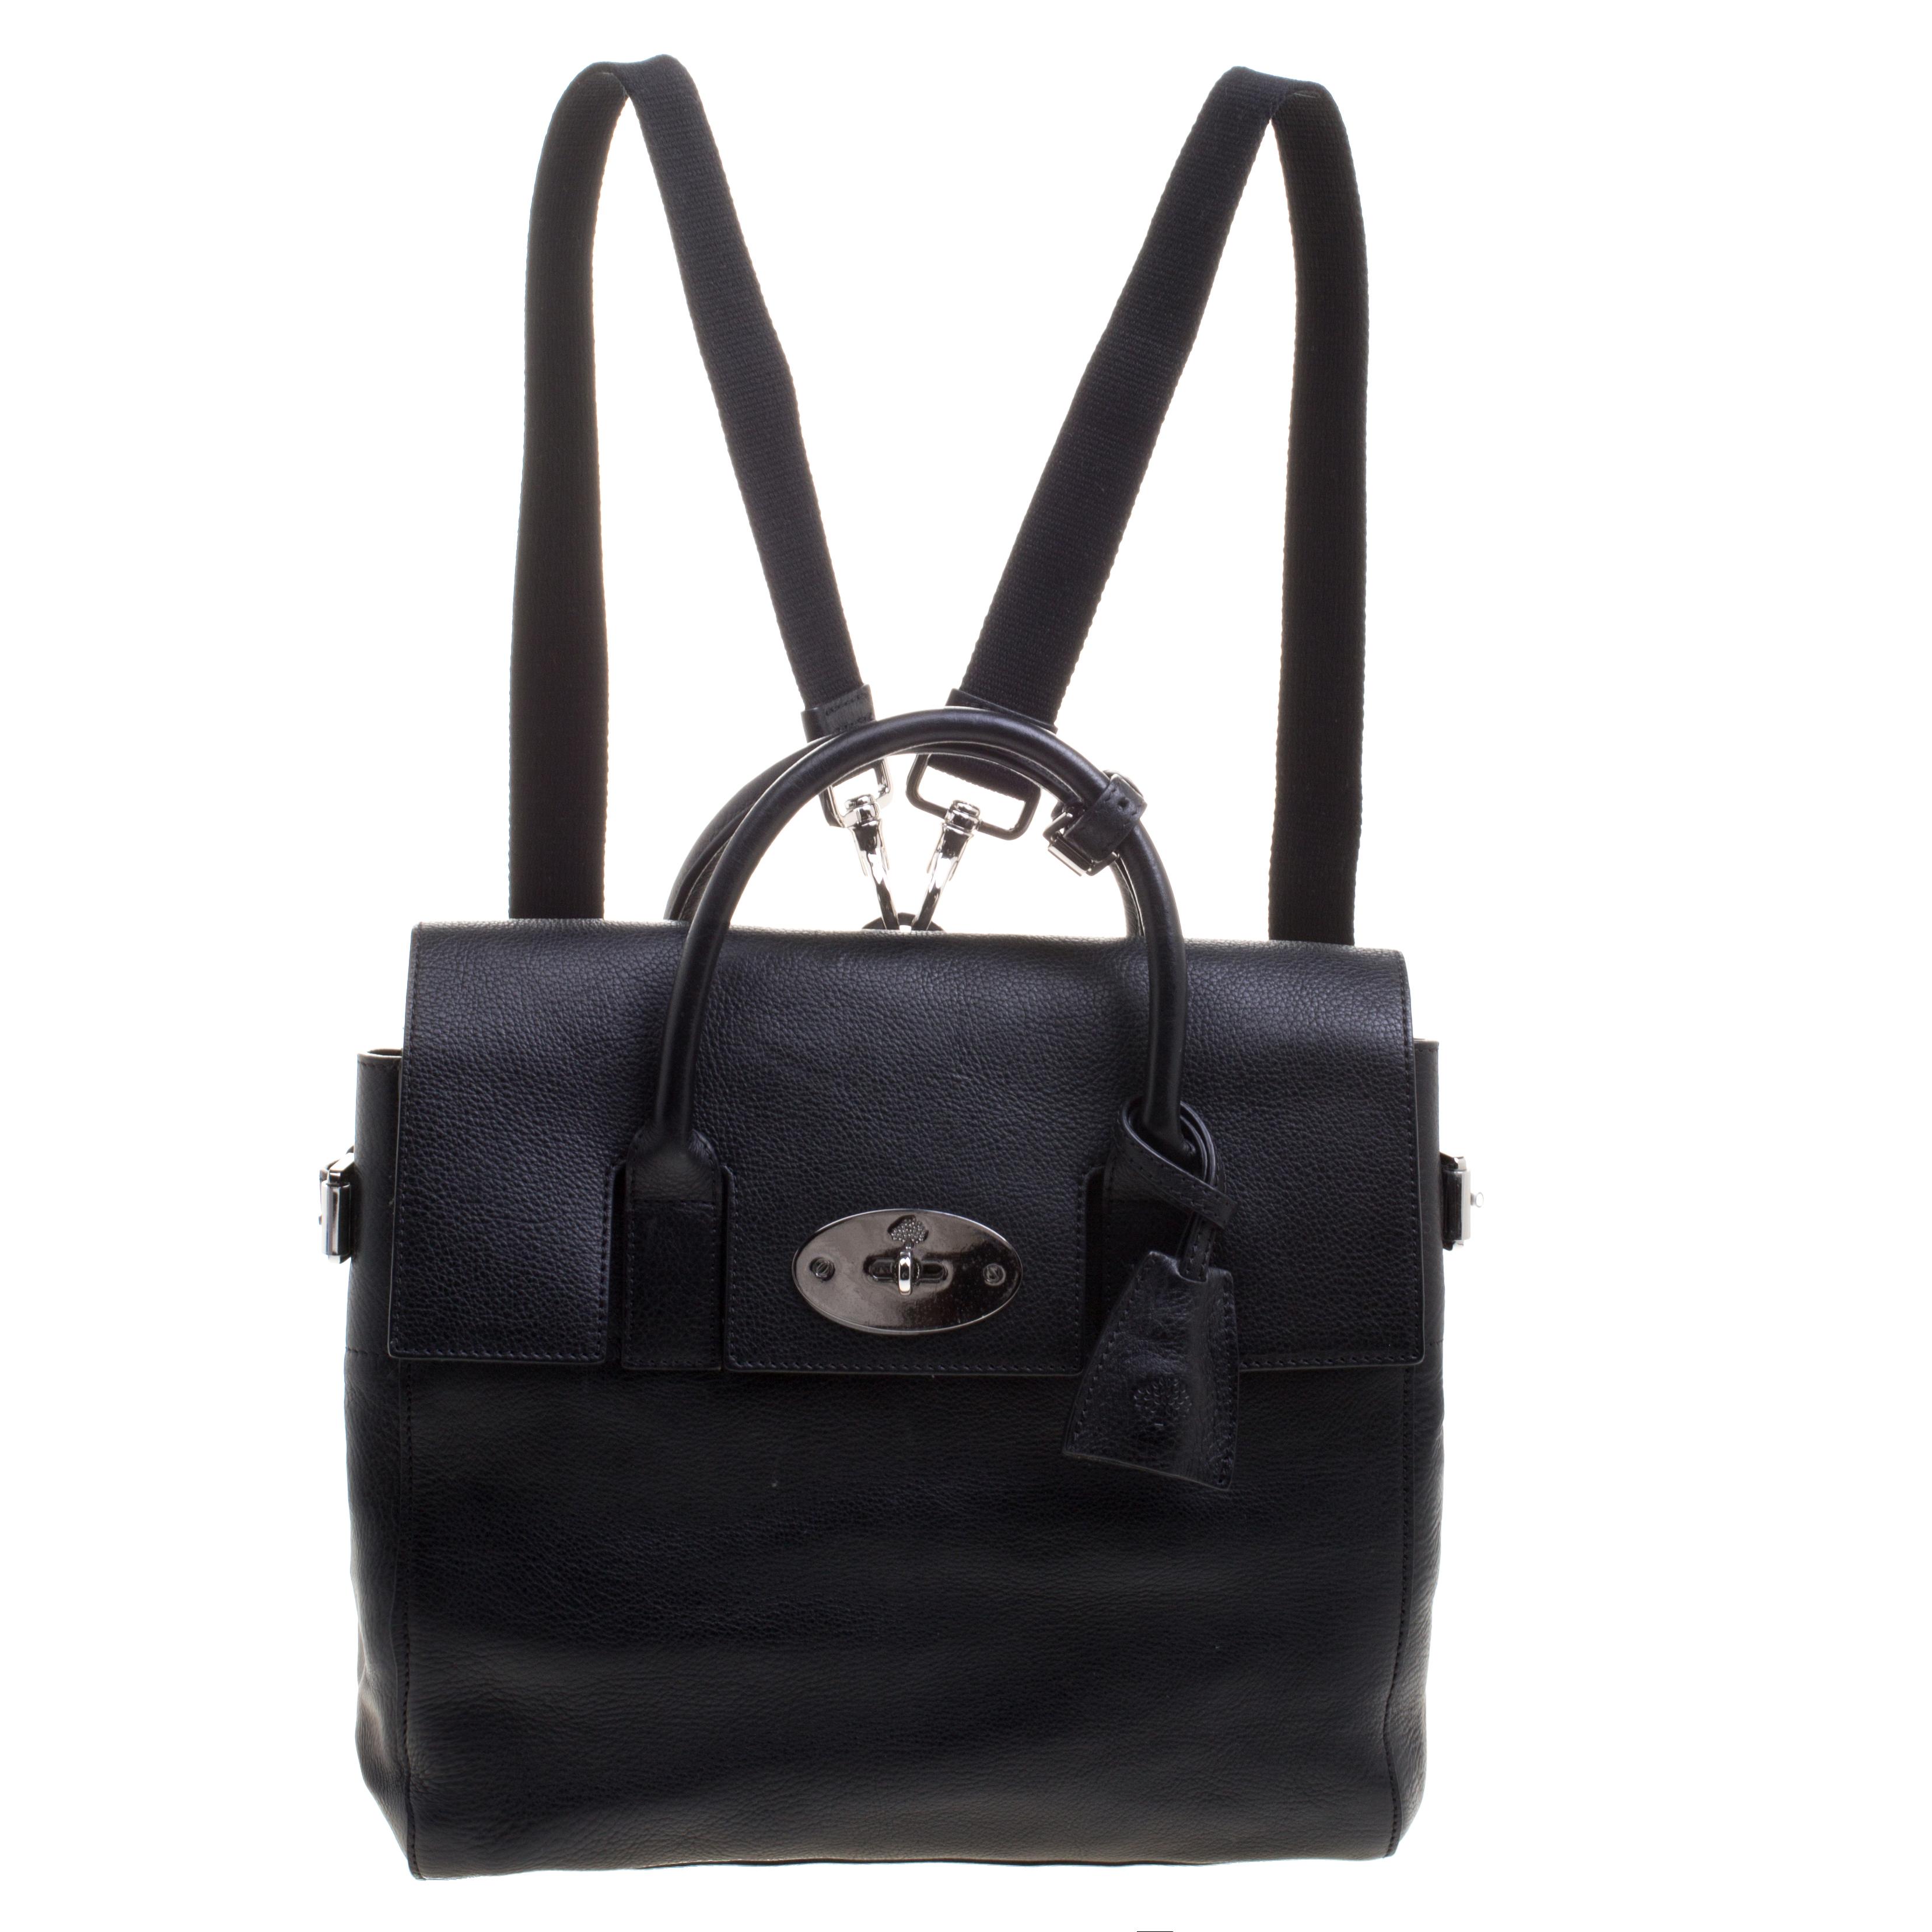 5ee5237f54 ... Mulberry Black Leather Bayswater Cara Delevingne Backpack. nextprev.  prevnext